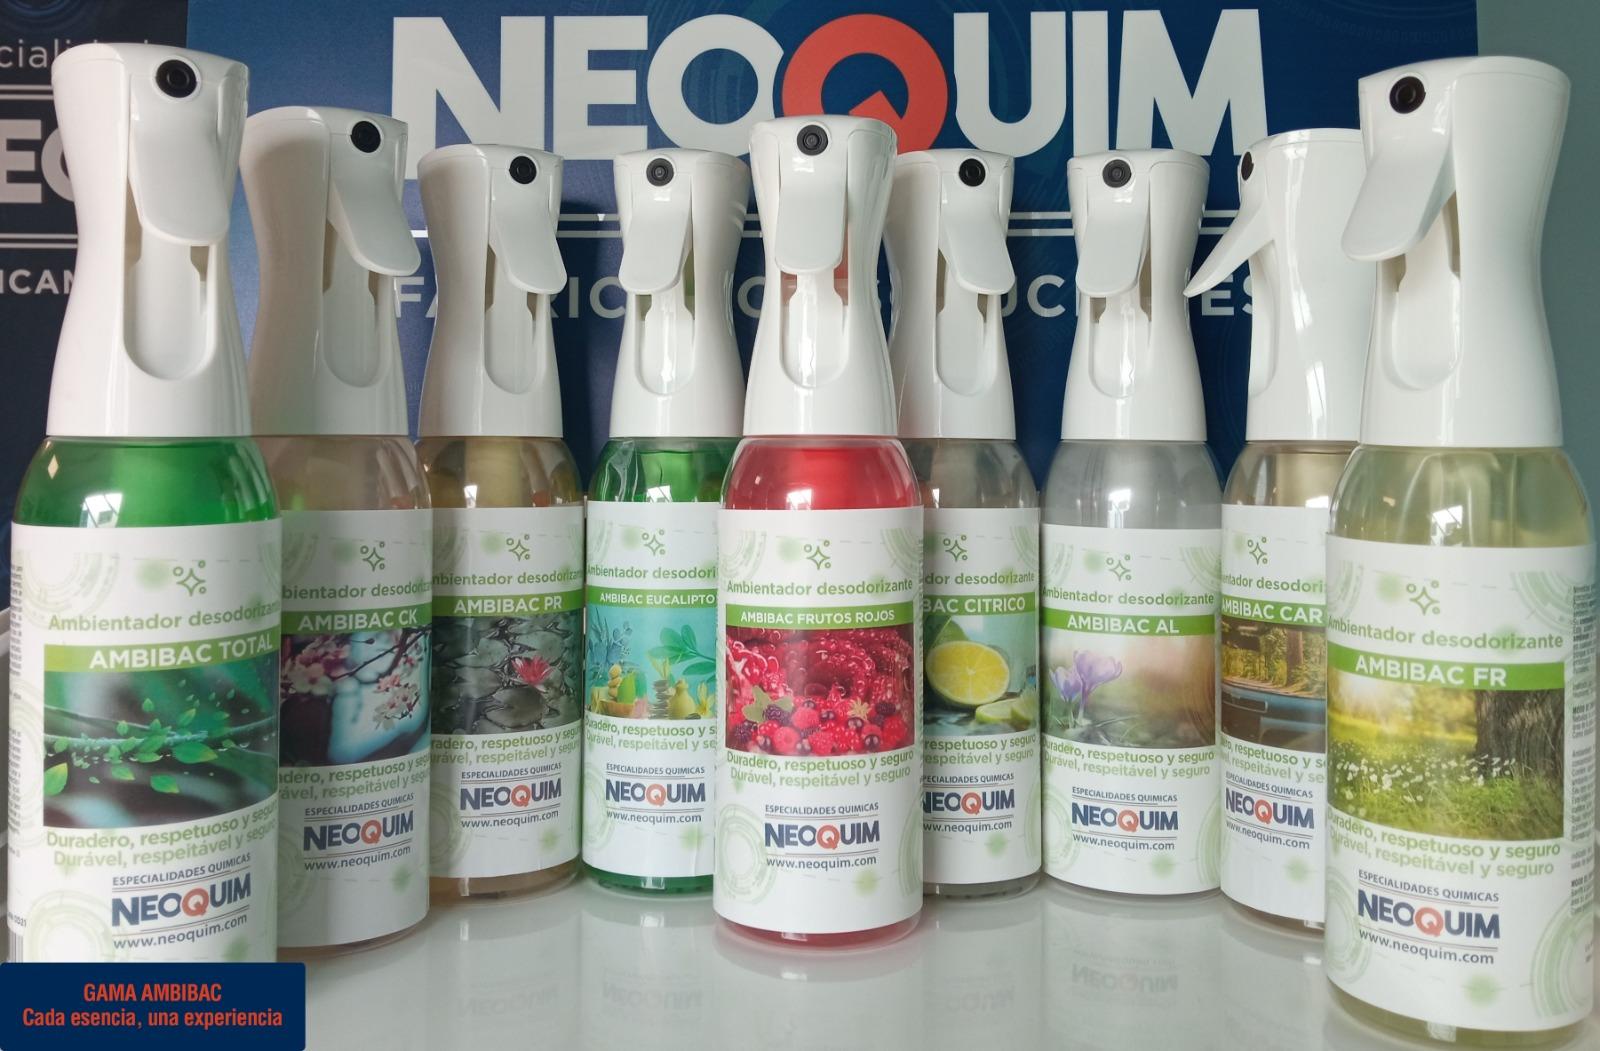 AMBIBAC Neoquim